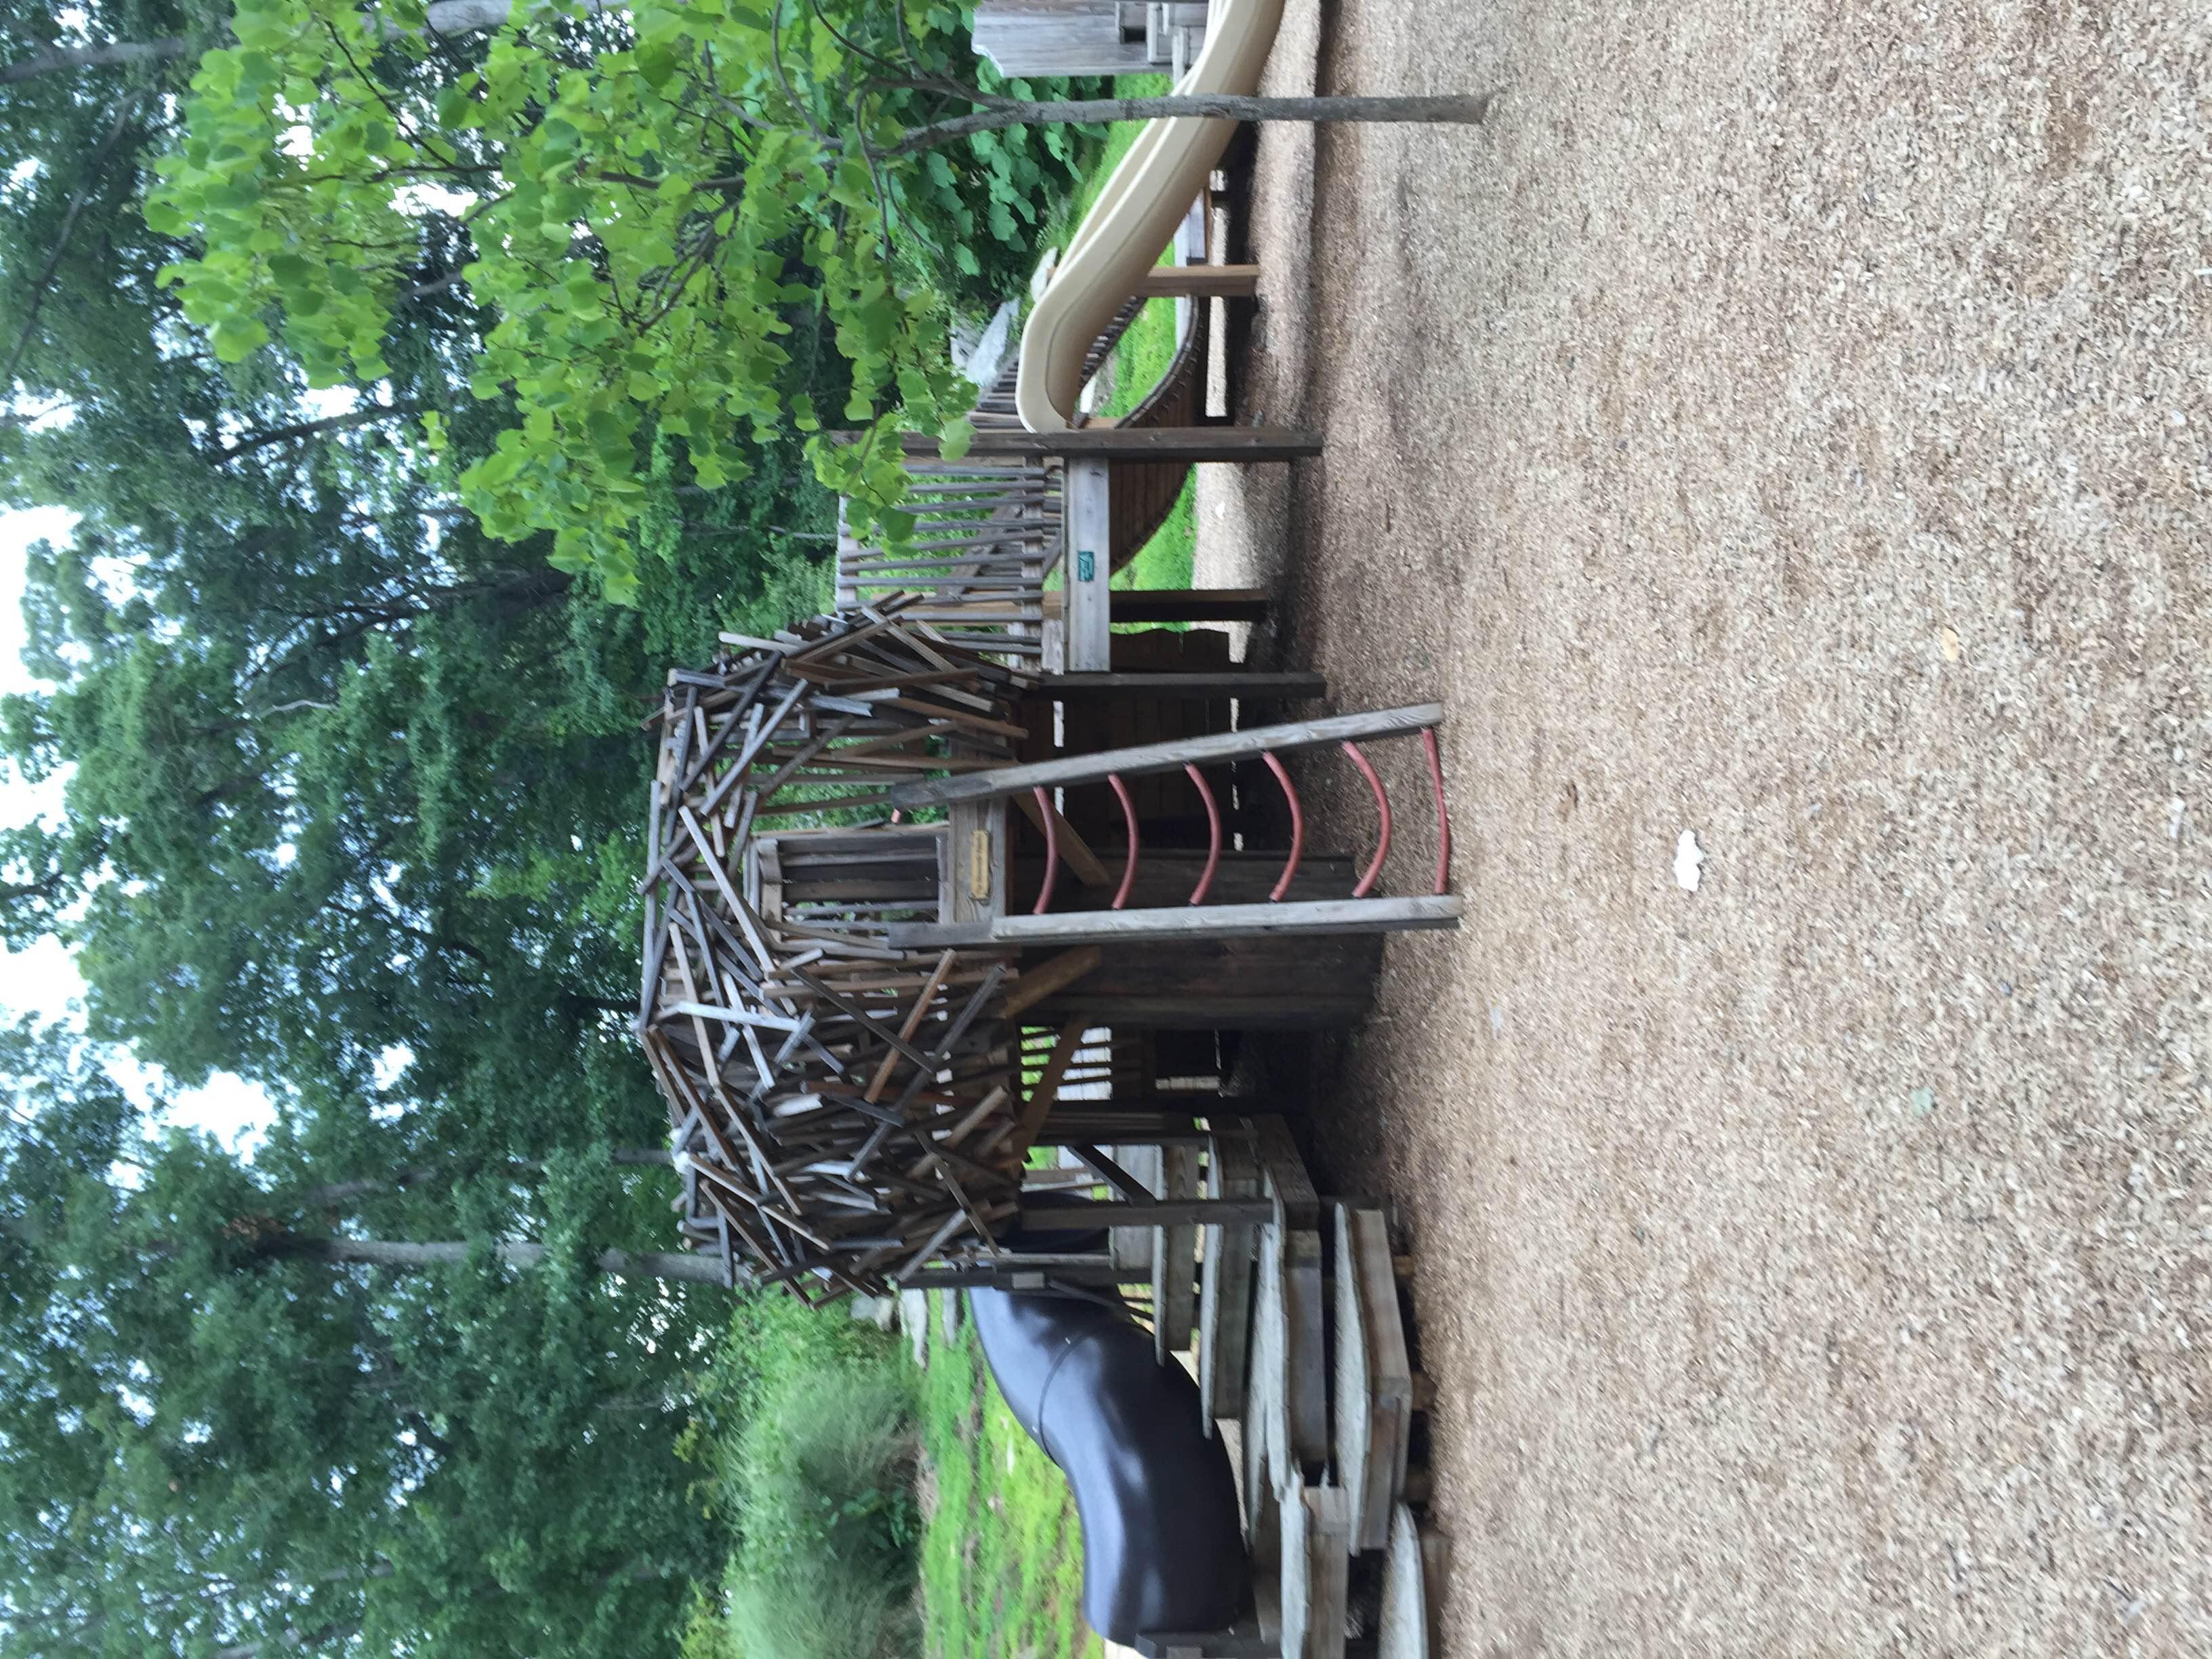 The Nature Playground